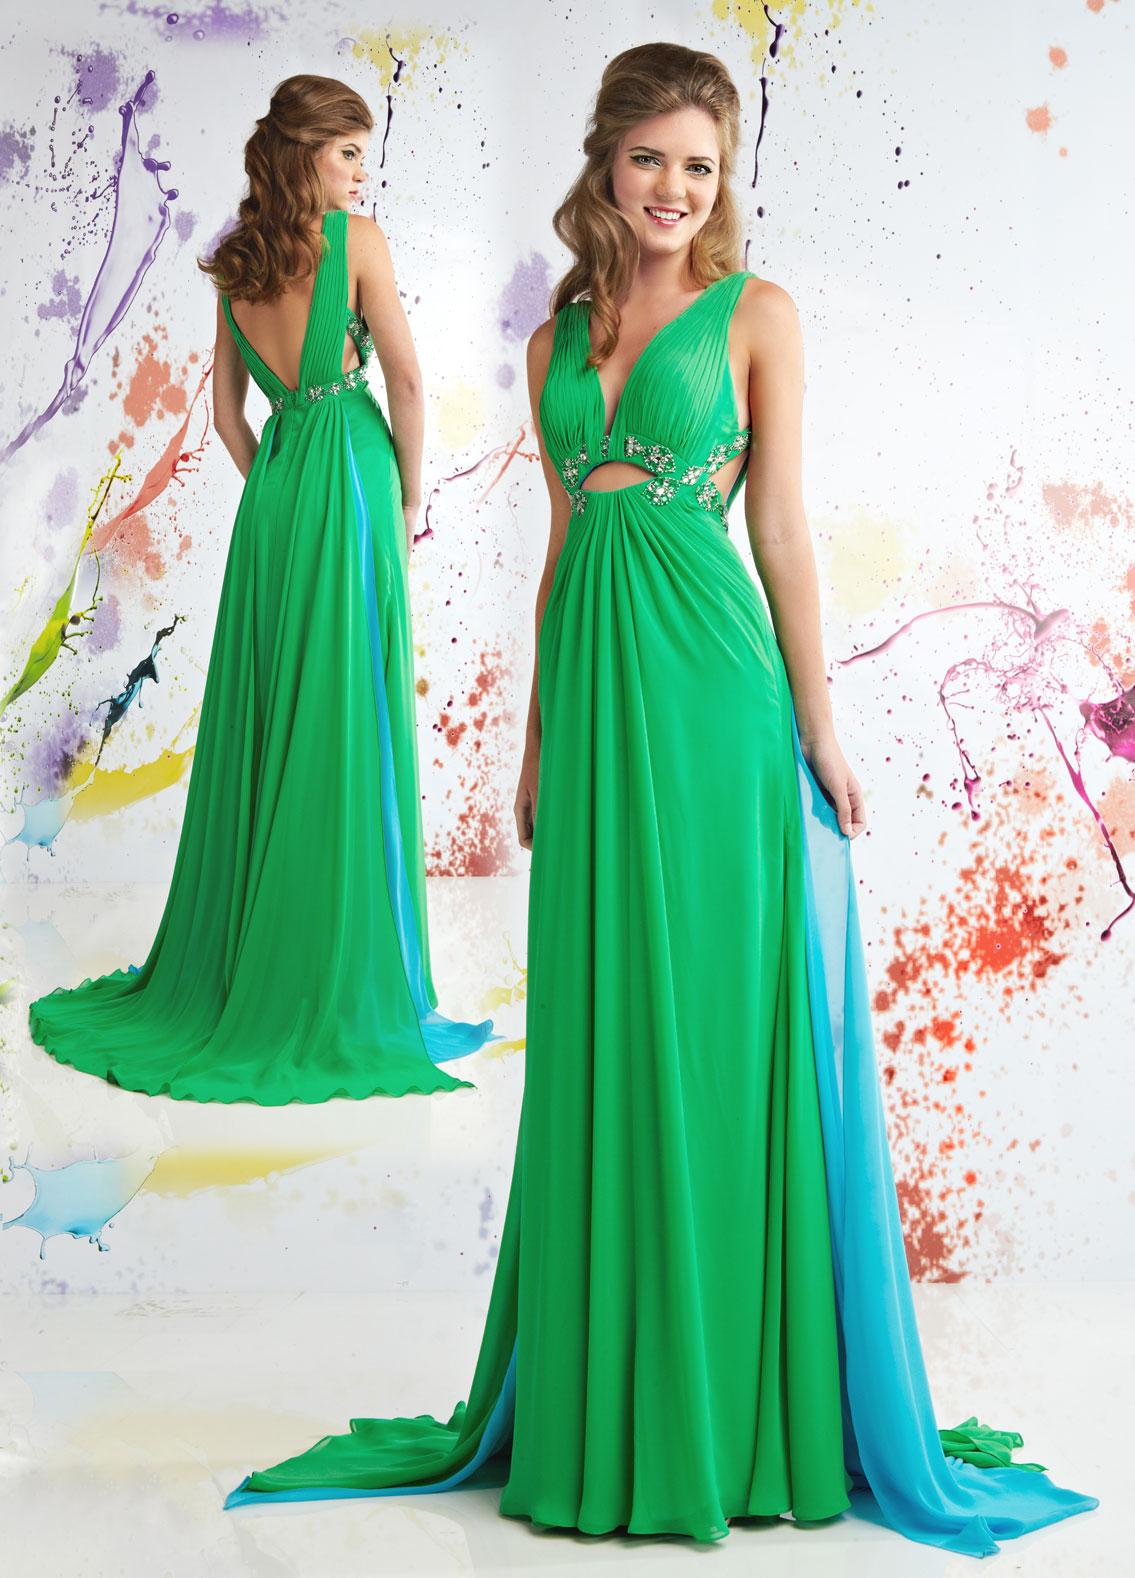 Зеленое длинное платье с открытой спиной – фото новинки сезона